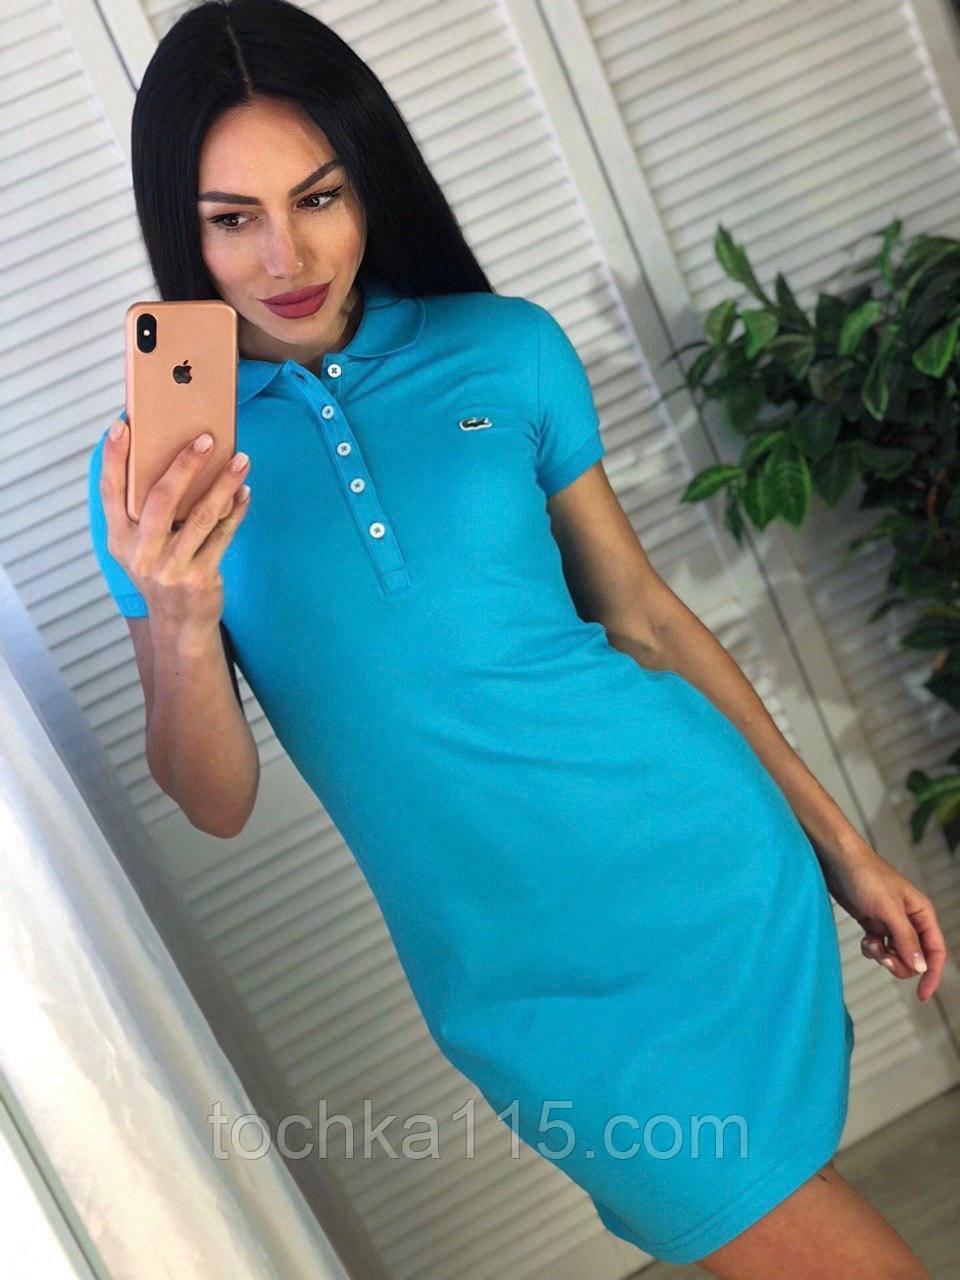 Модное стильное платье, спорт стиль Lacoste,  S/M/L/XL/XXL, цвет голубой